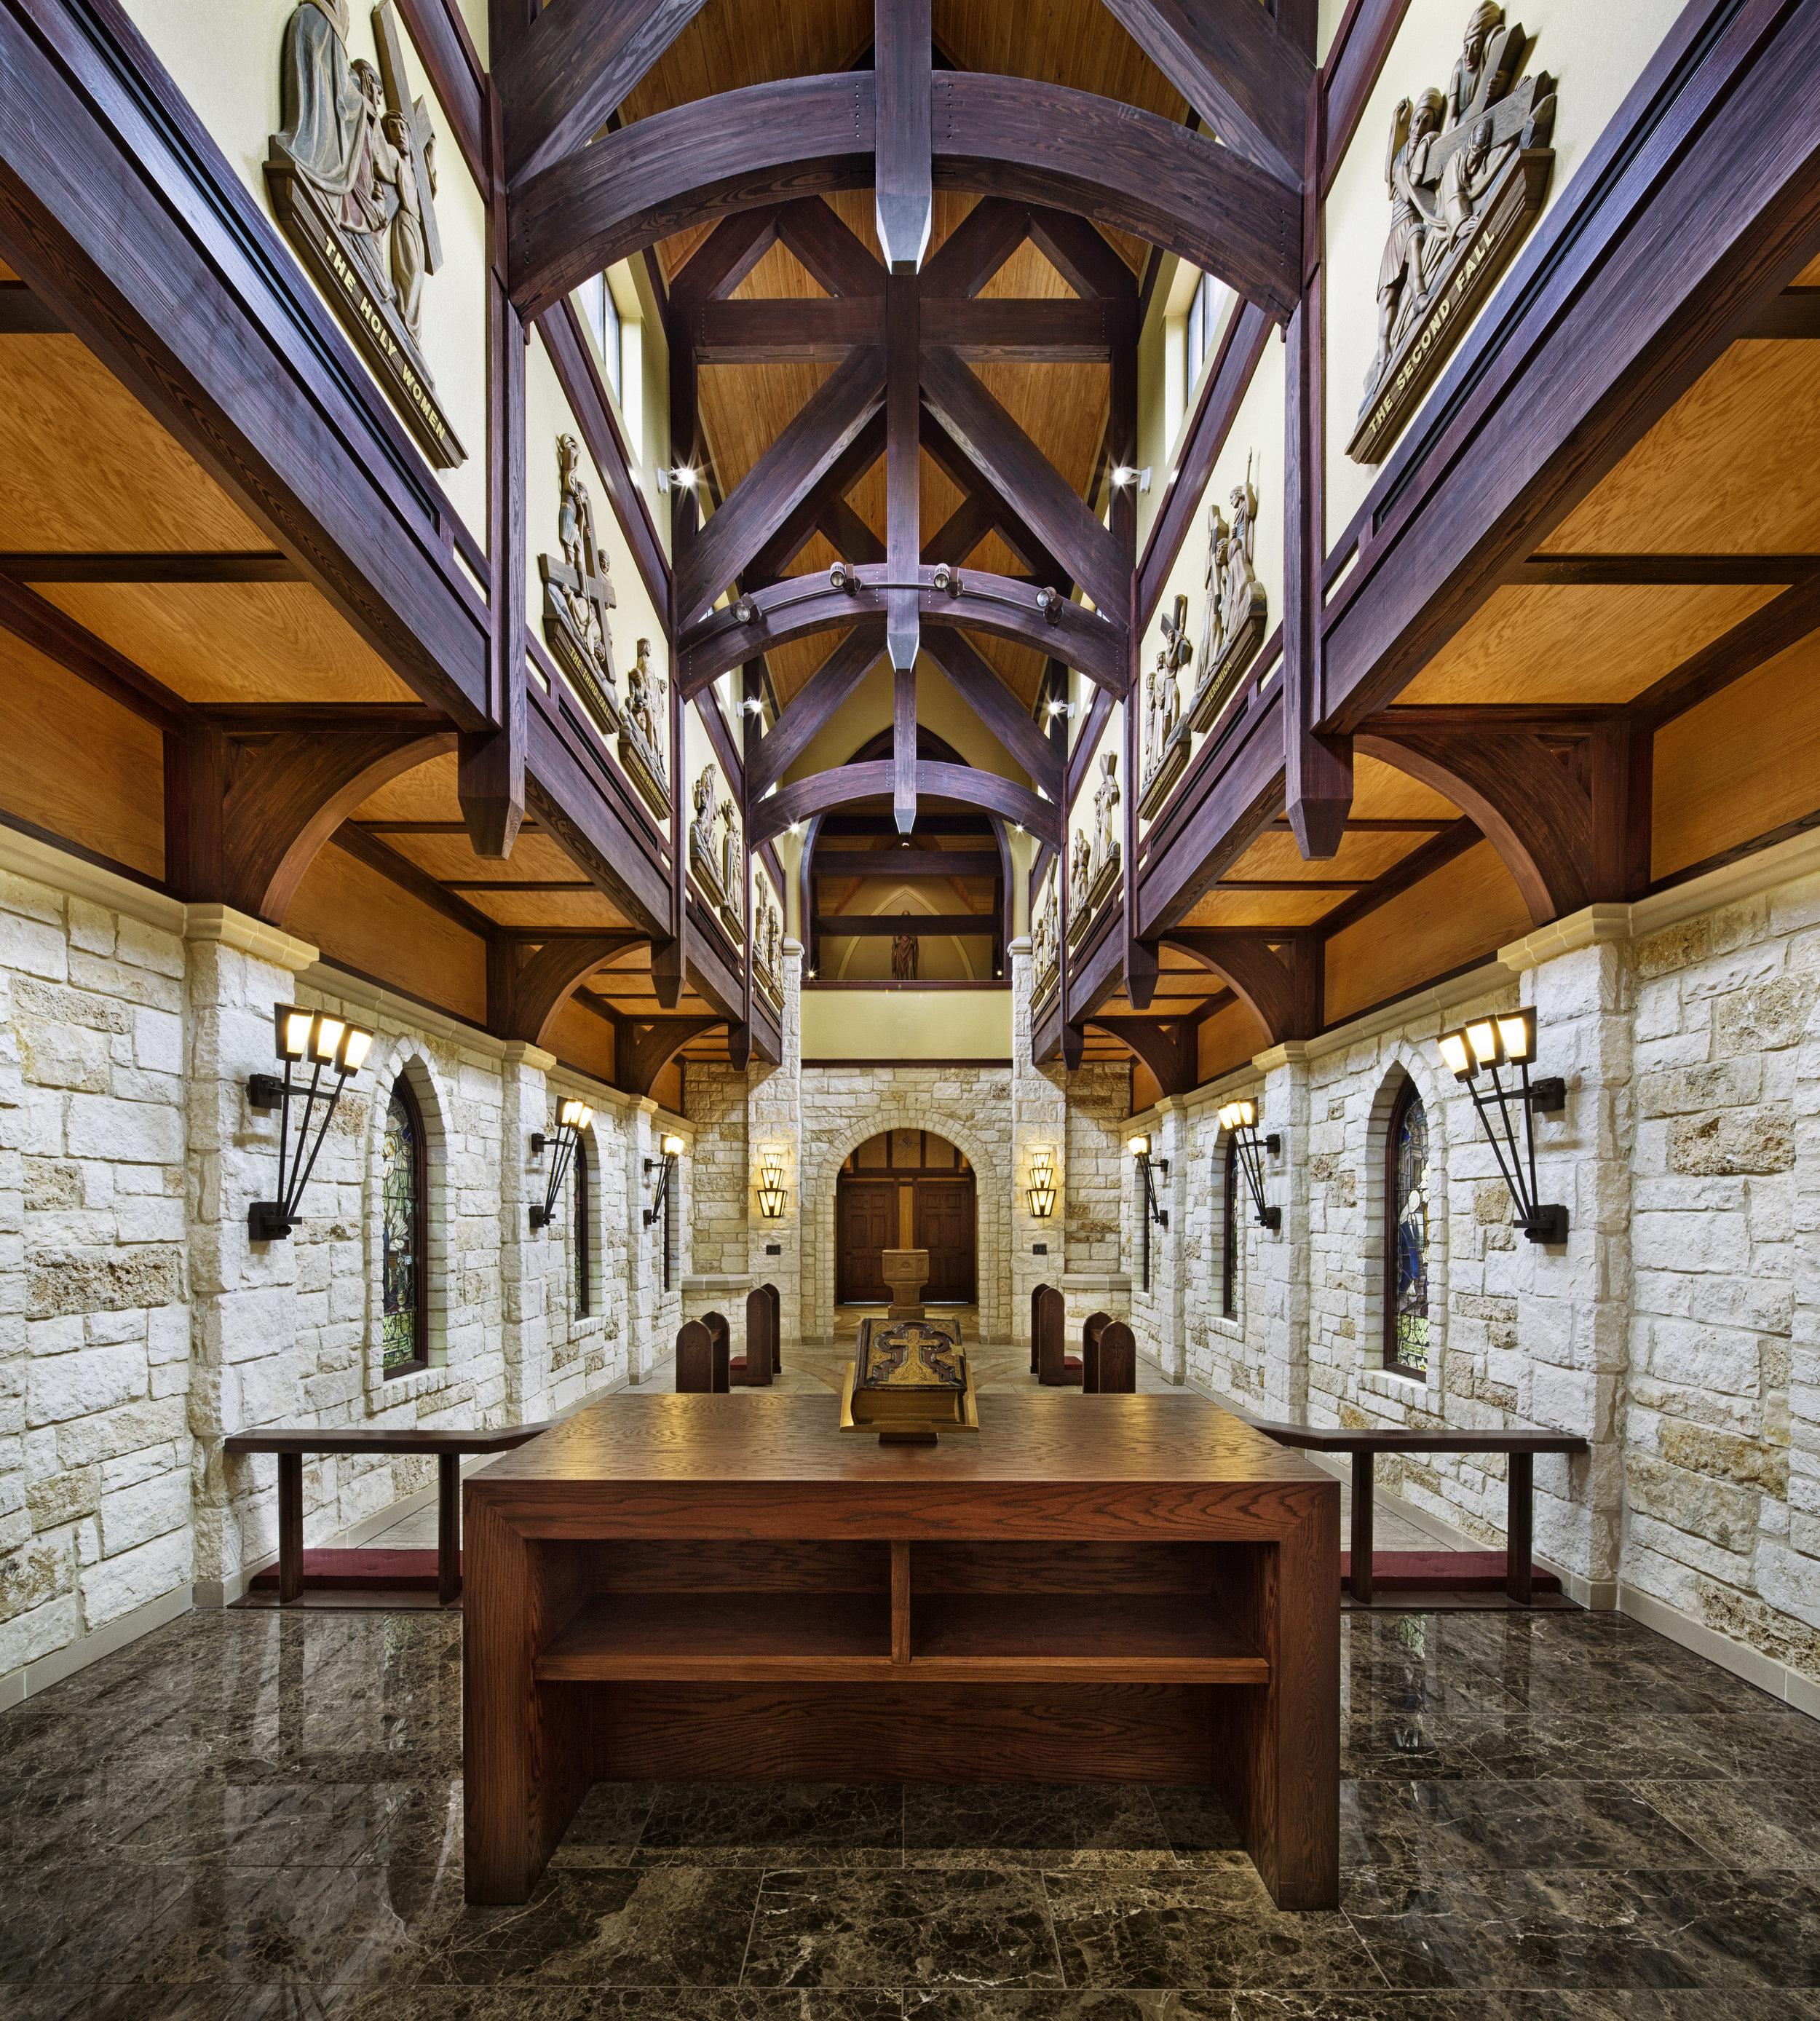 Buda Chapel_8301_Lg.jpg